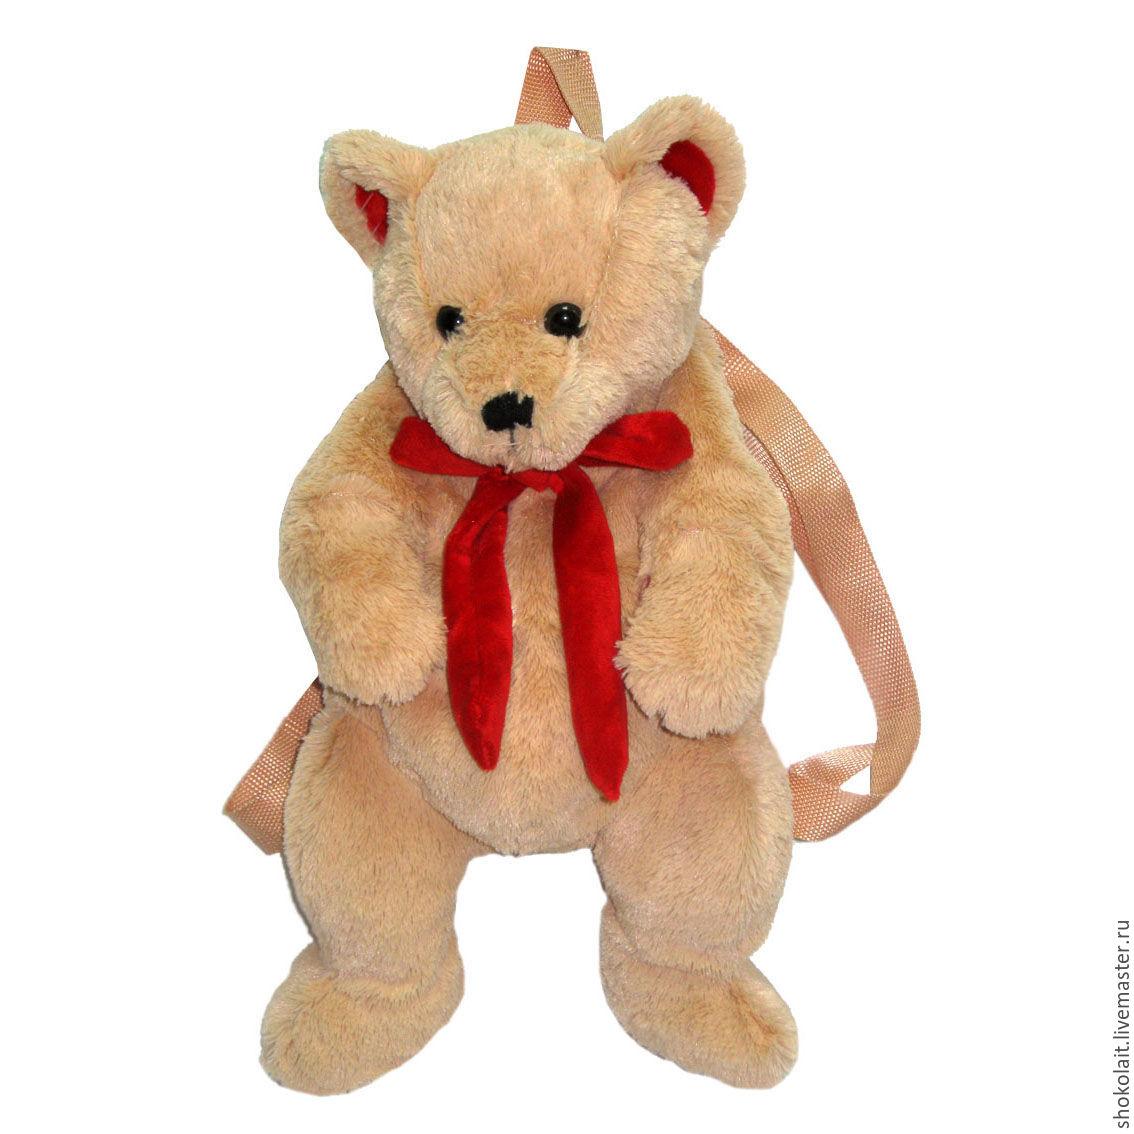 Упаковка для новогодняя рюкзак медведь lyc sac рюкзак